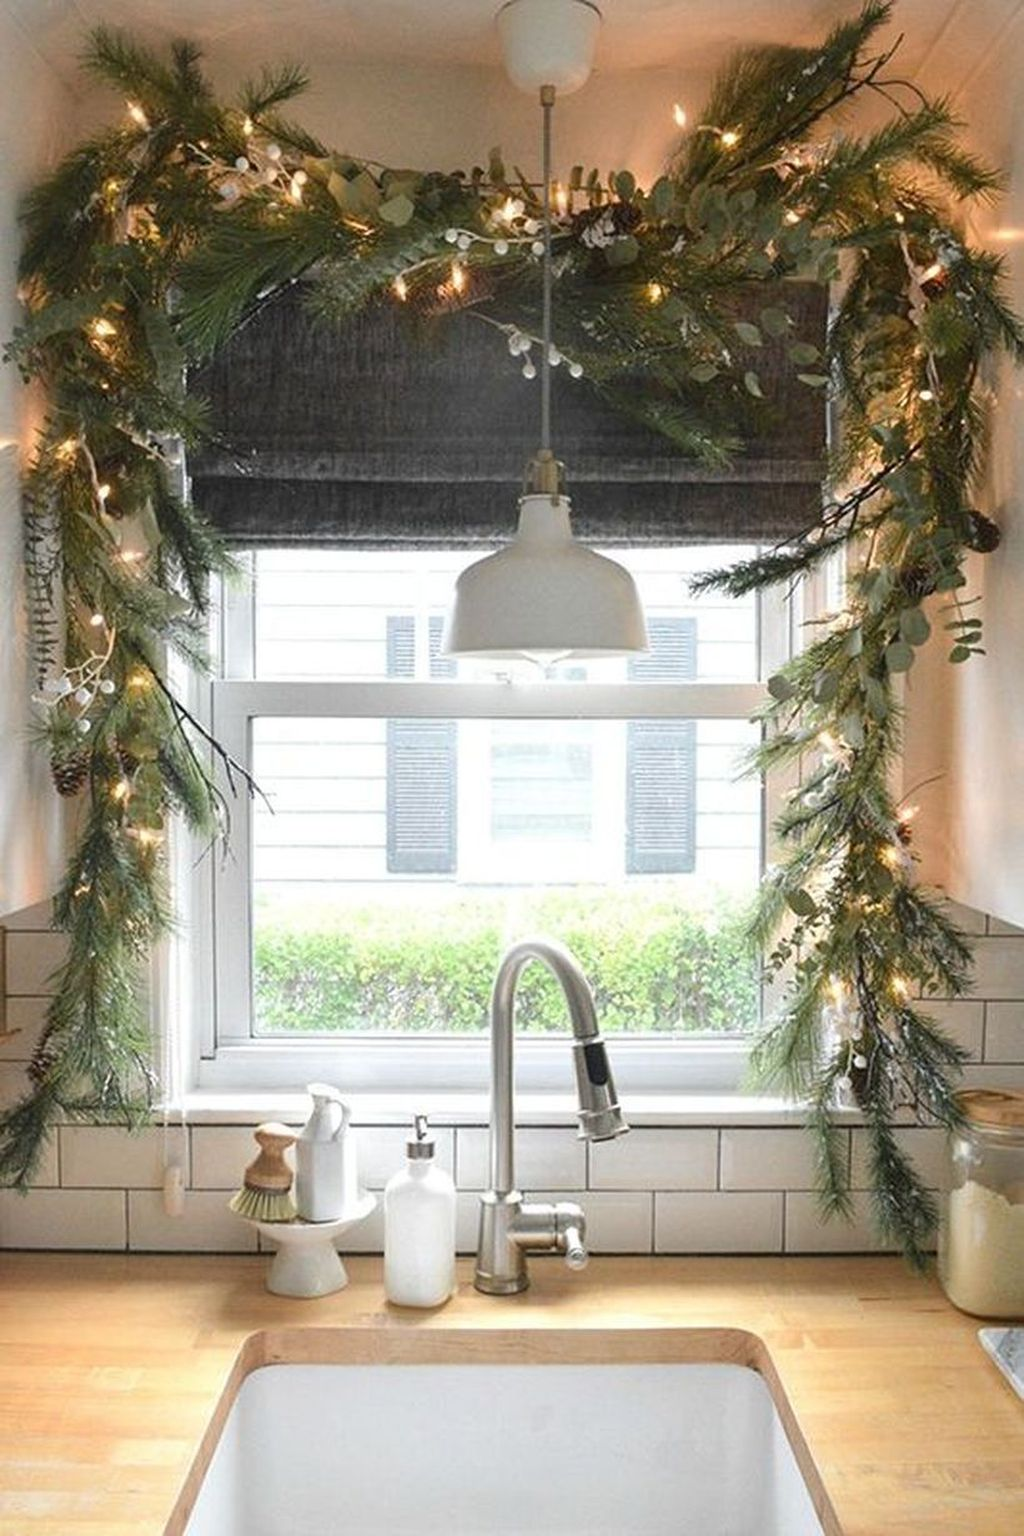 Stunning Winter Theme Kitchen Decorating Ideas 32